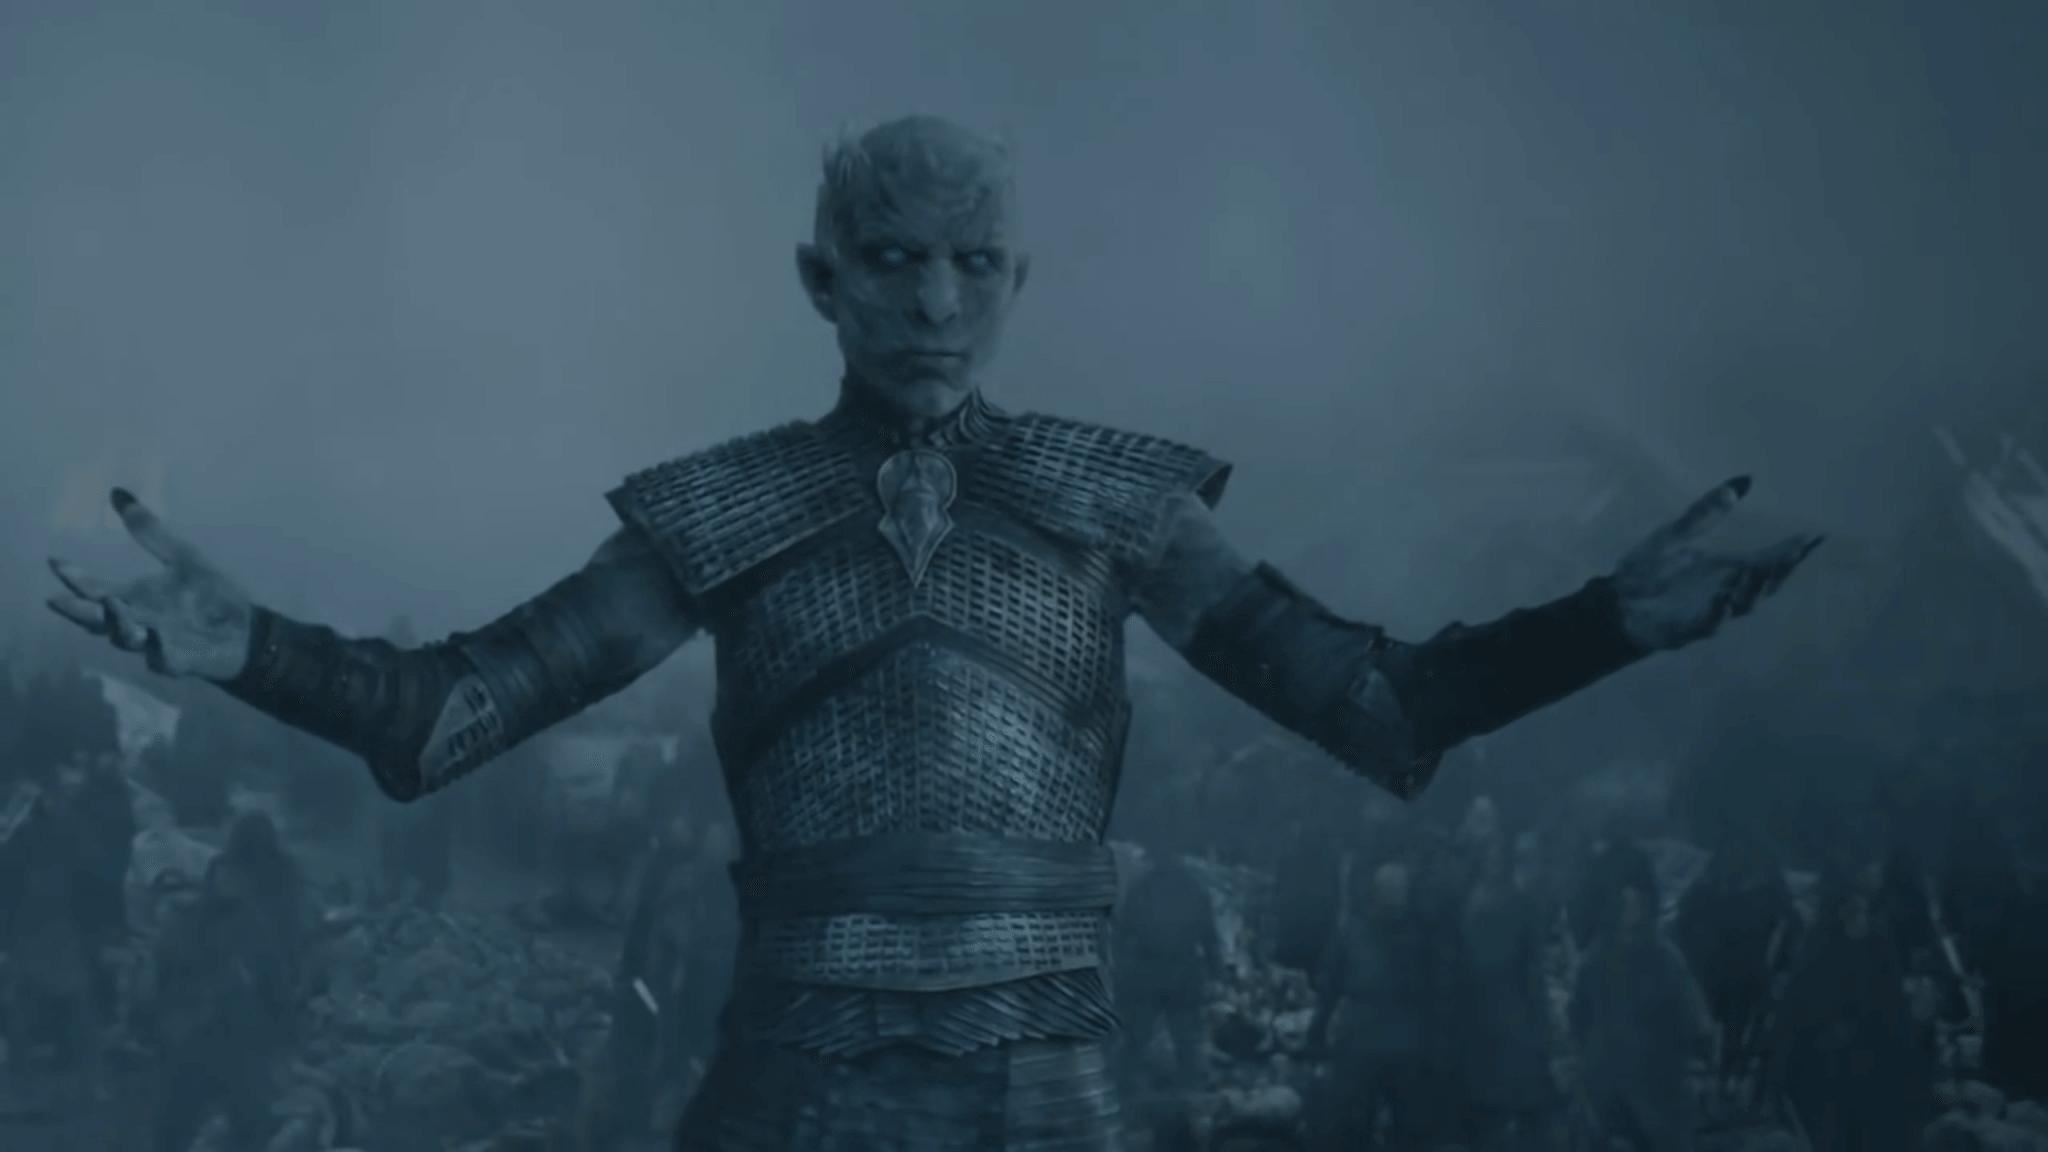 come at me bro got - Todos os spoilers que você precisa saber de Game of Thrones